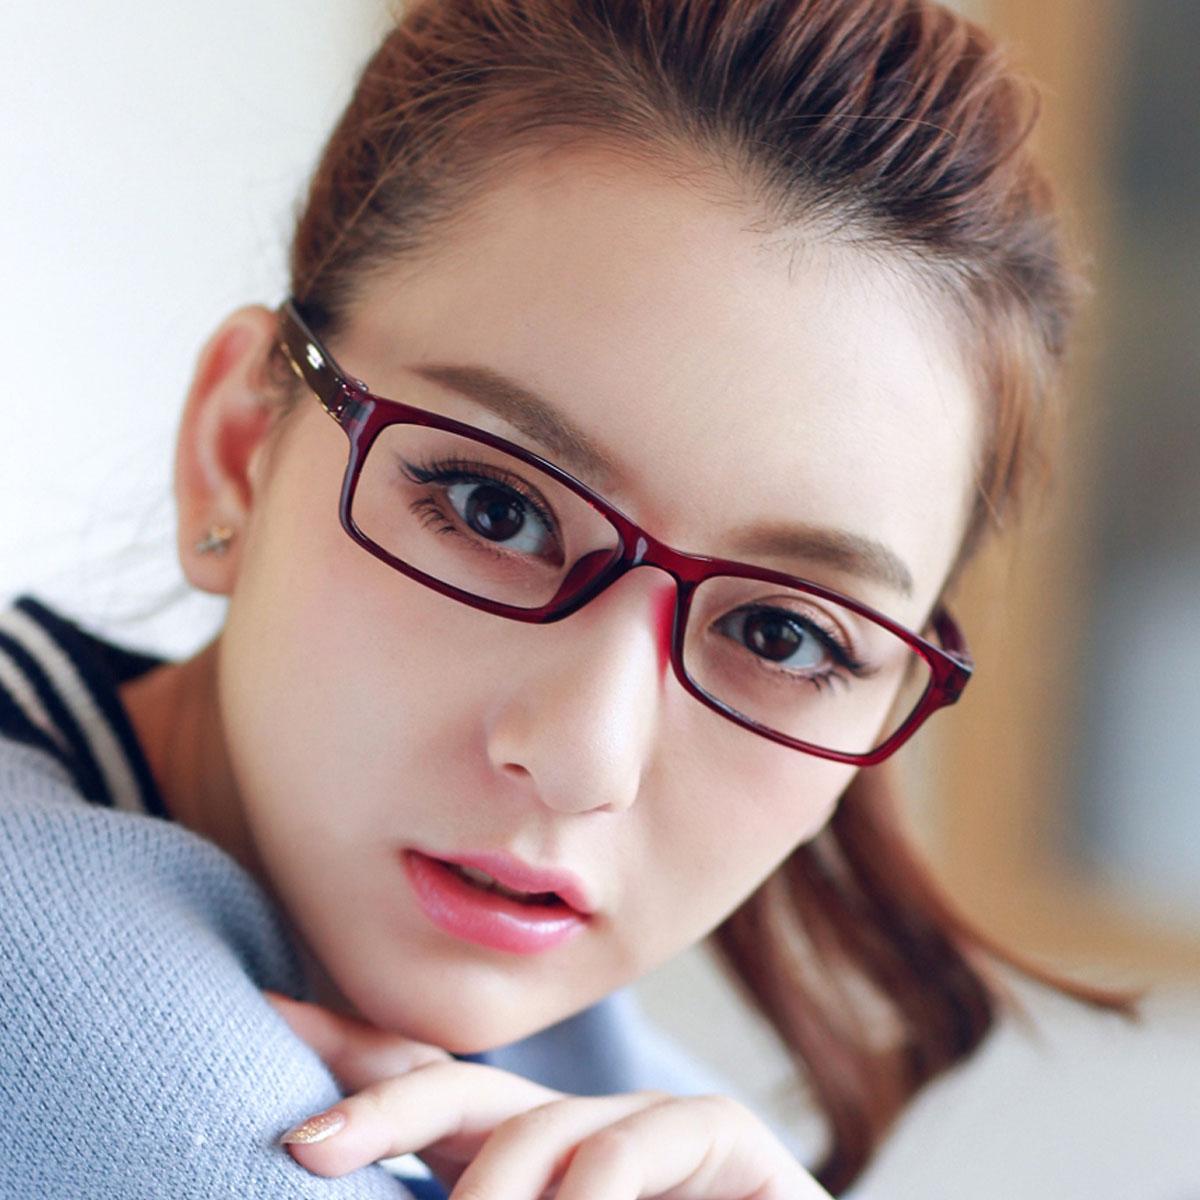 欣蕾 眼镜架怎么样,眼镜架什么牌子好